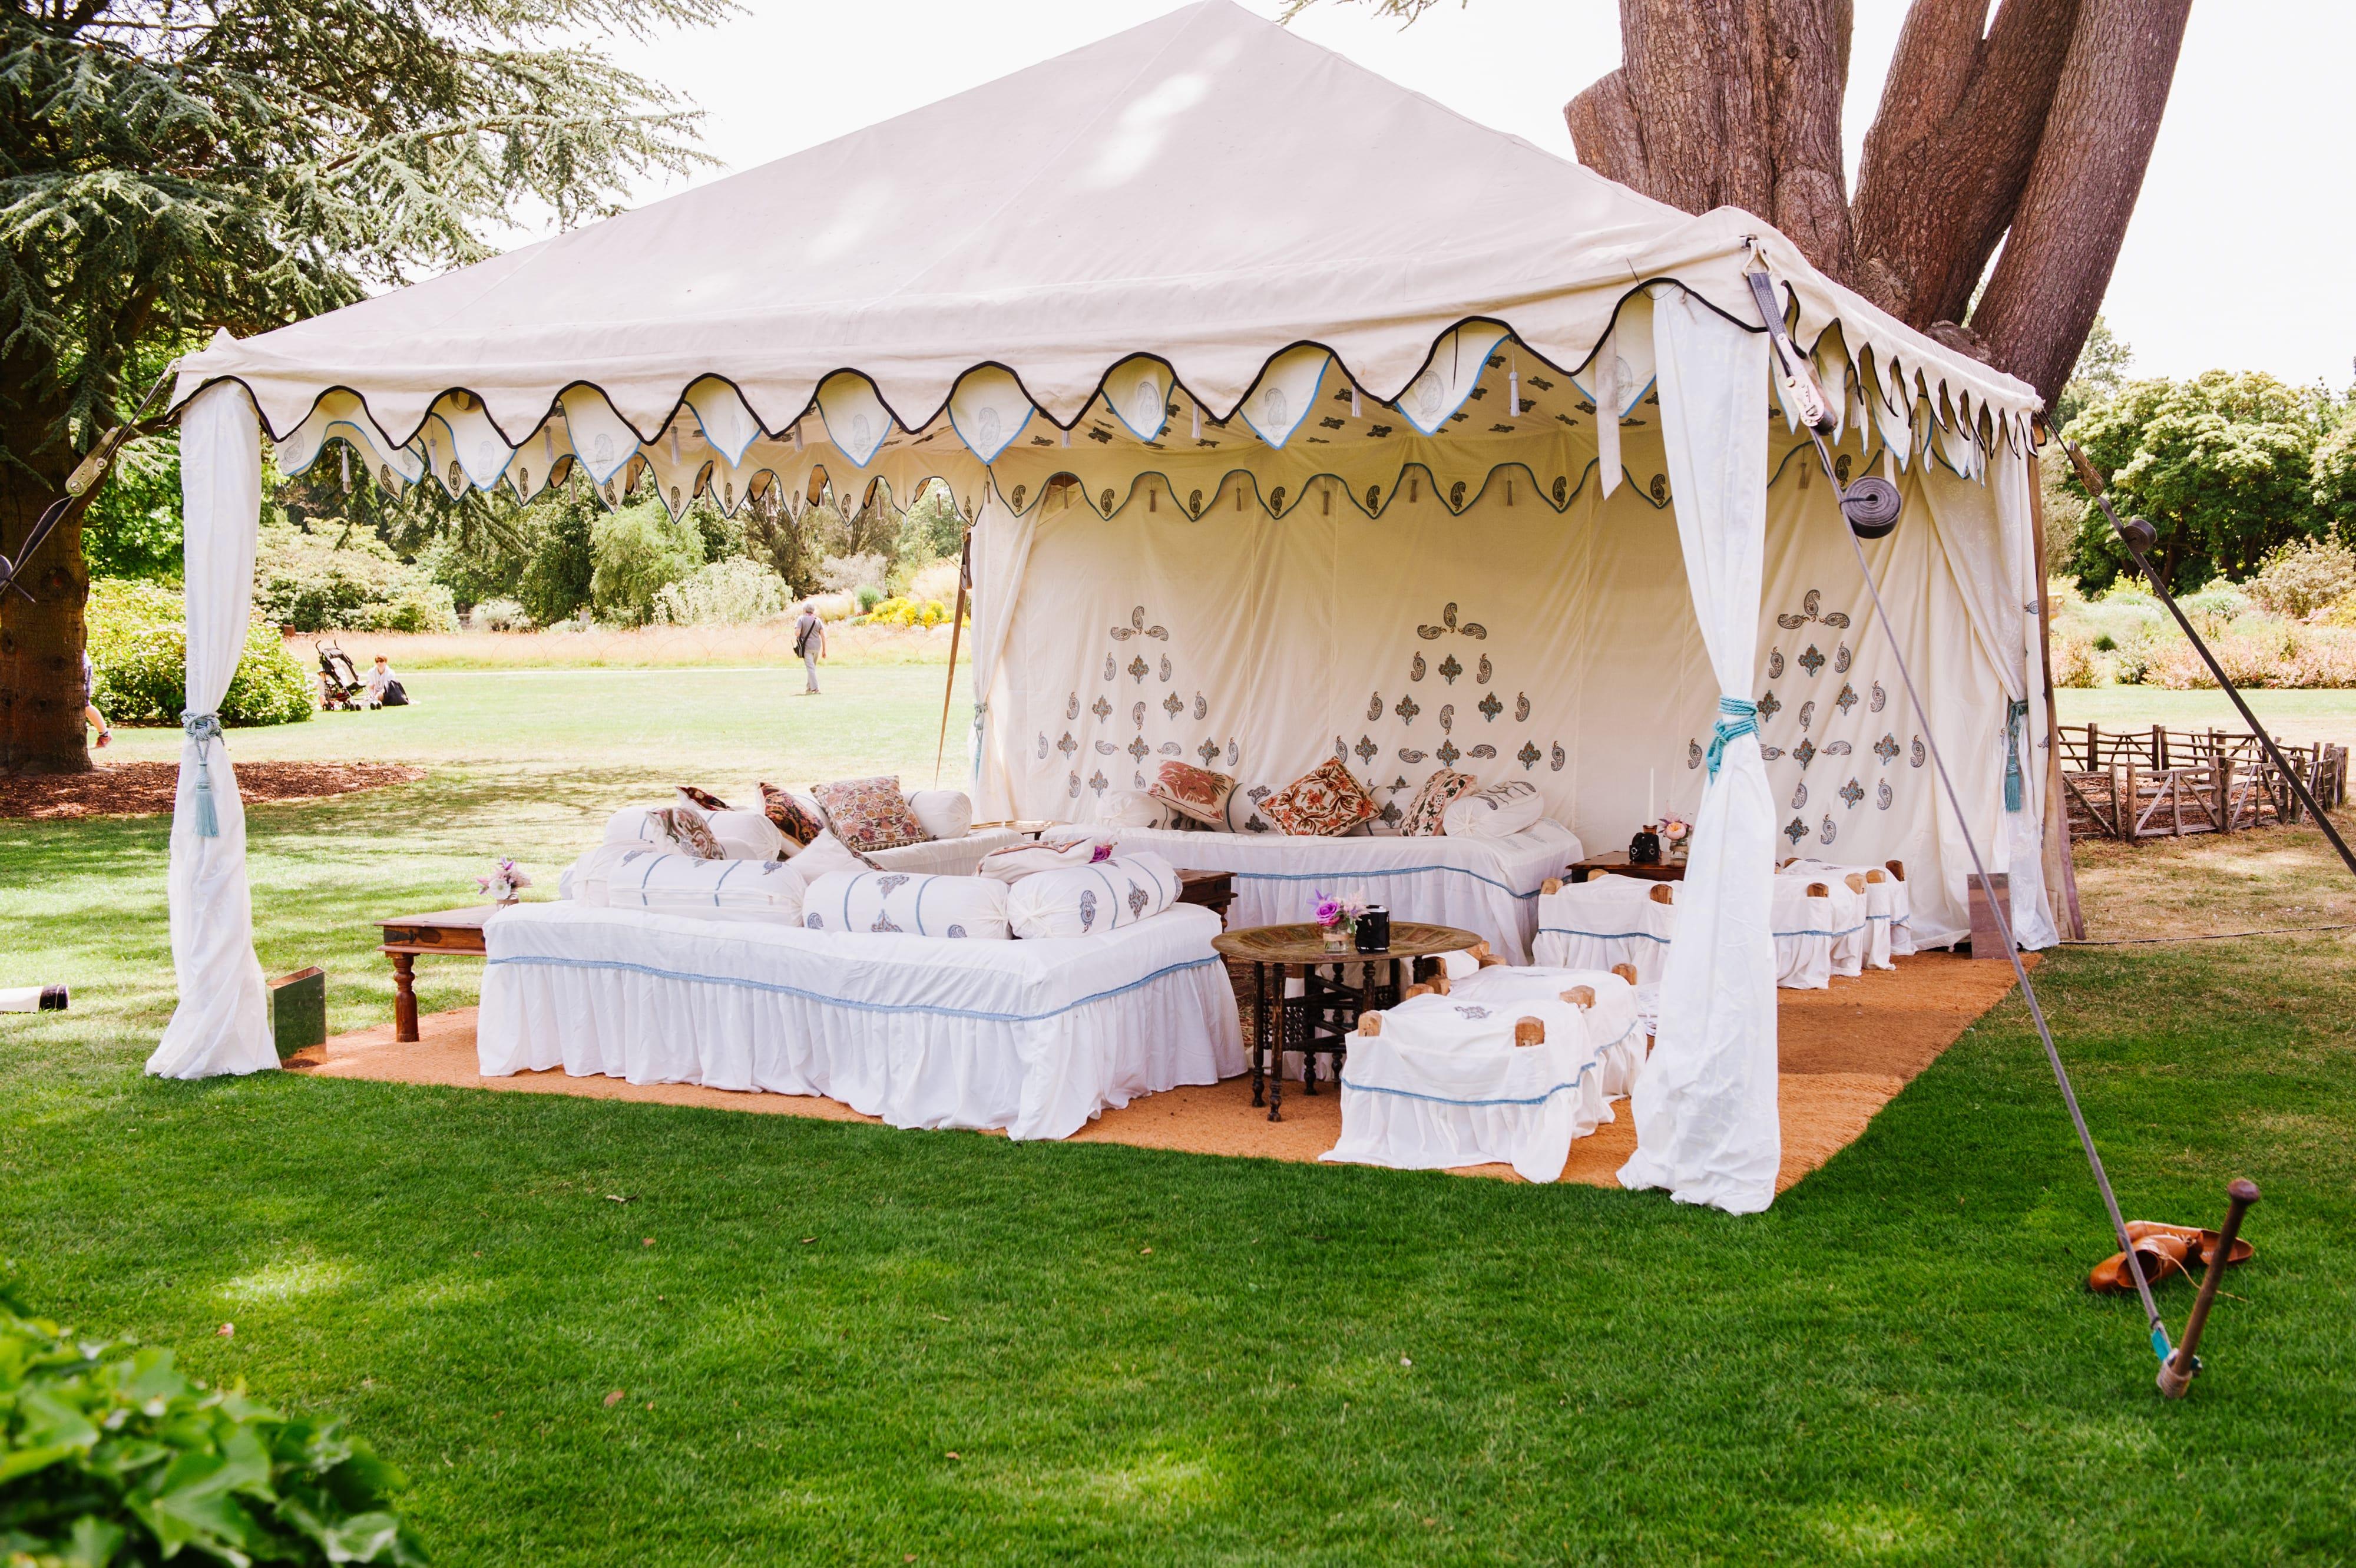 Garden Marquee Hire For Garden Parties Across The Uk Arabian Tent Company